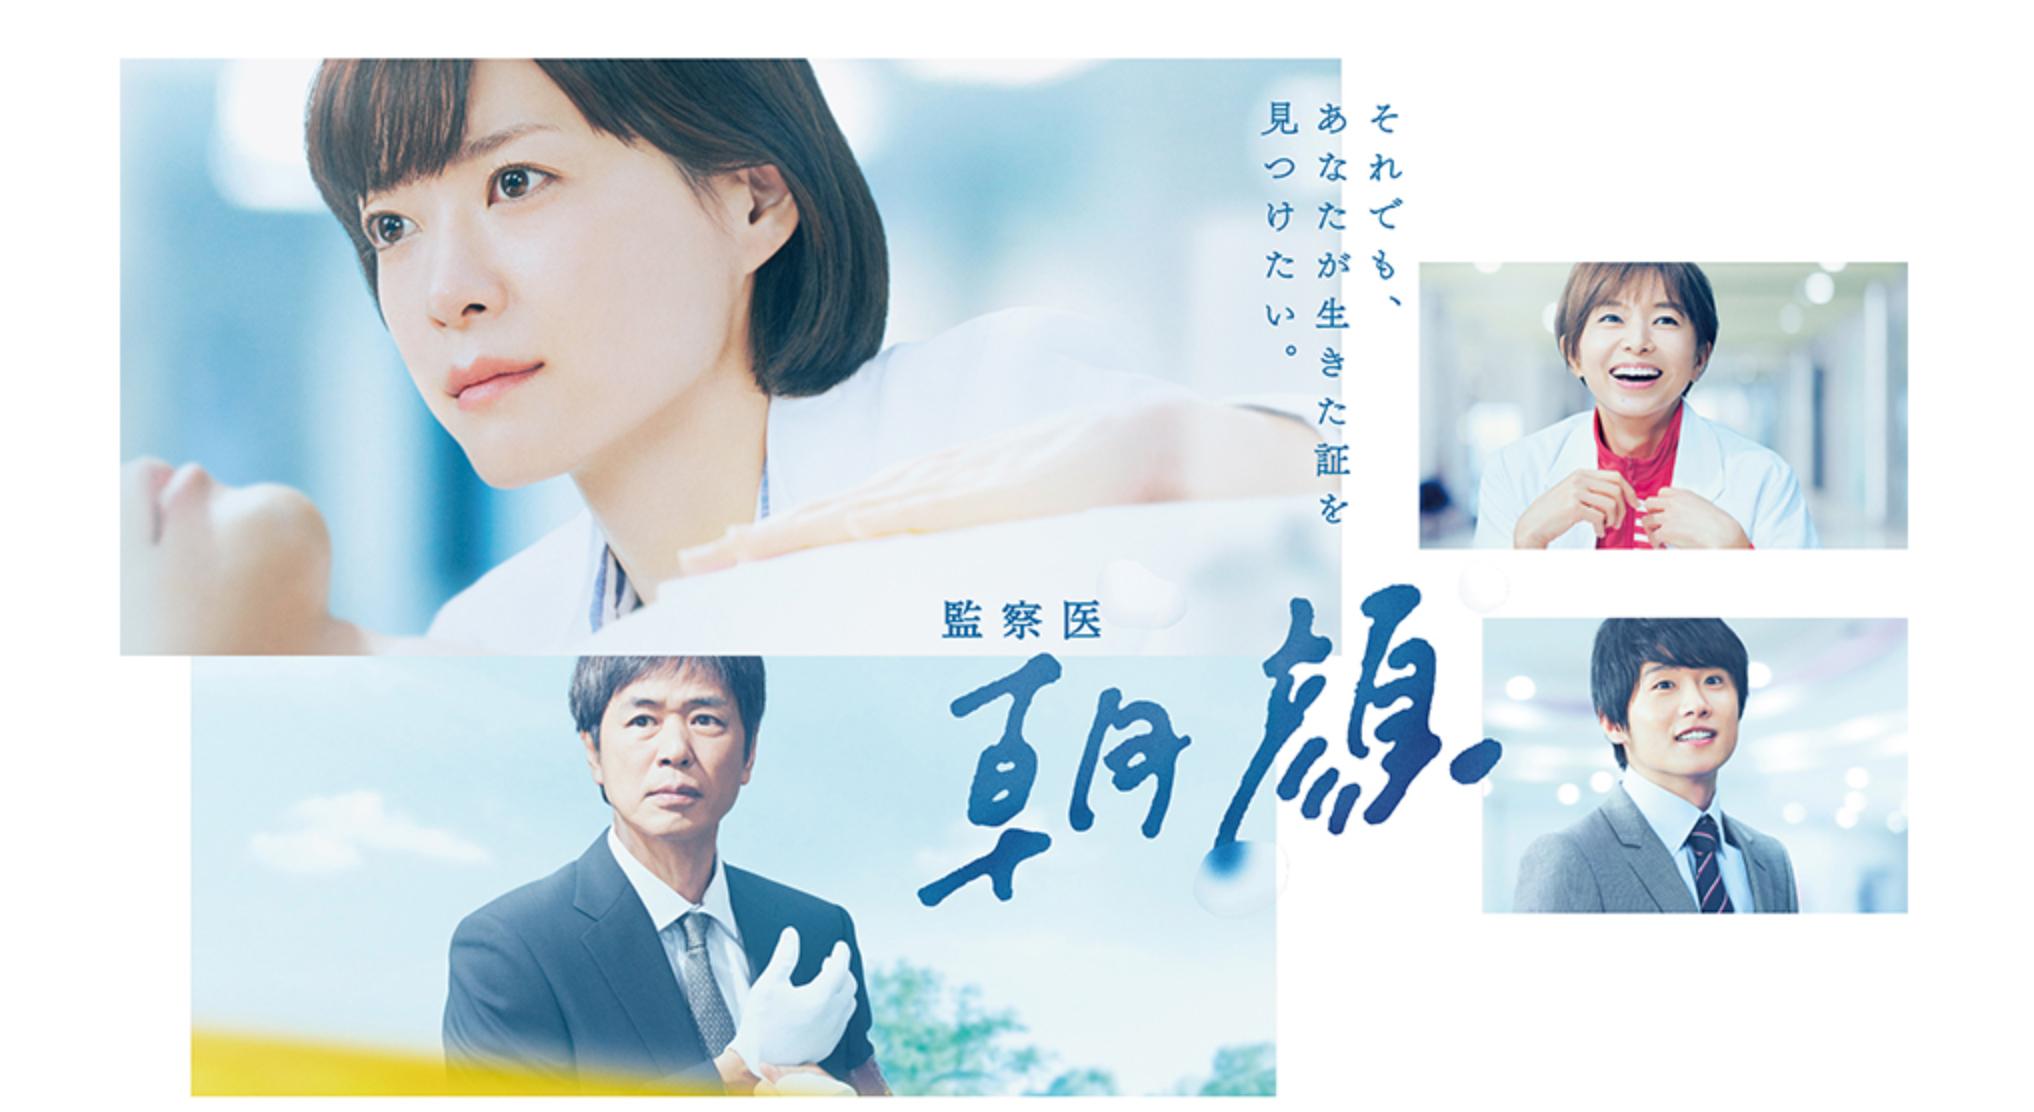 『公式見逃し動画』監察医 朝顔2をまとめてシリーズ1から全話無料視聴!上野樹里主演でキャストは?